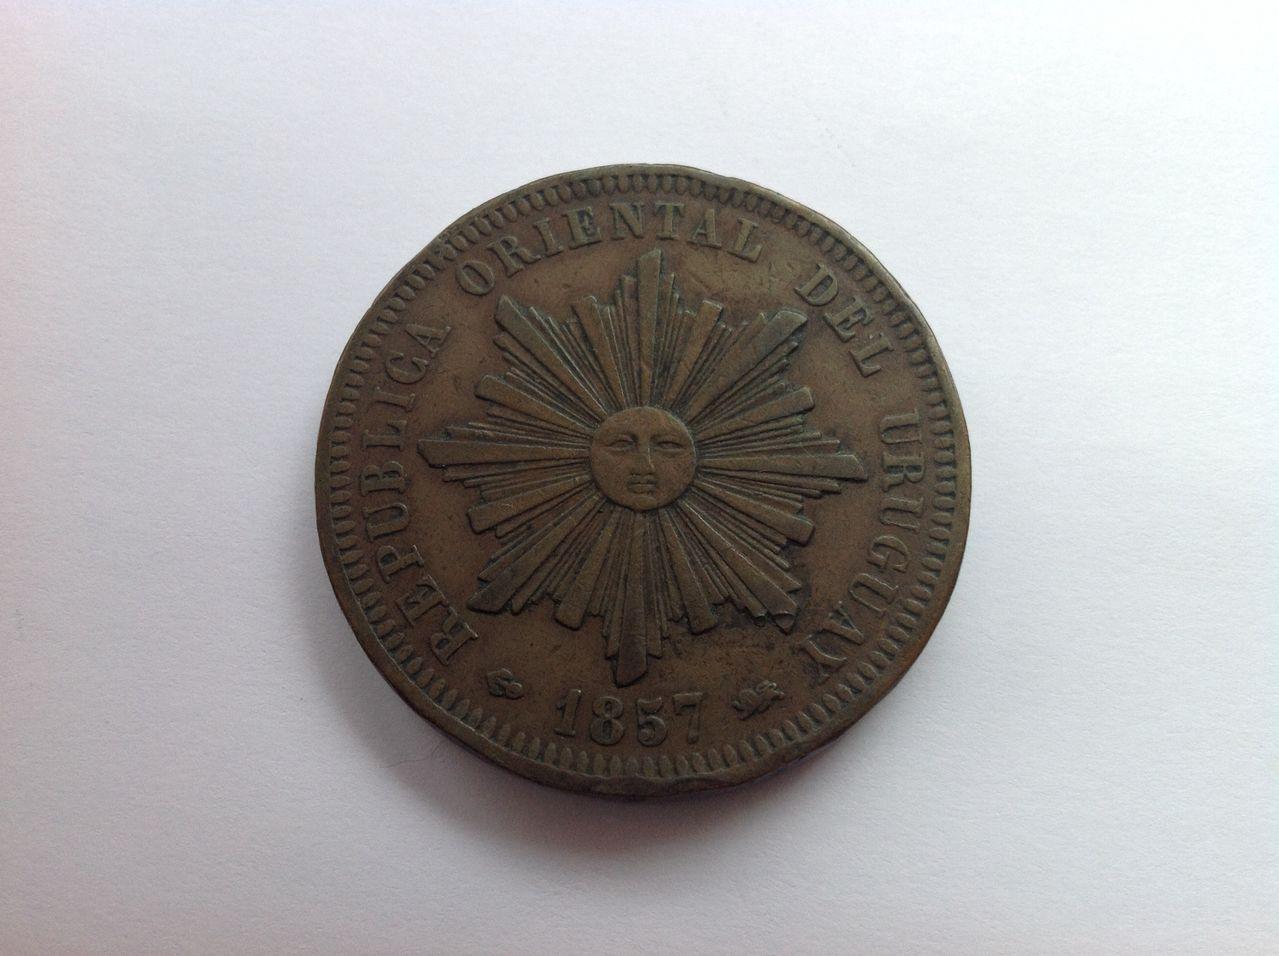 40 centesimos de real 1857 Uruguay Image